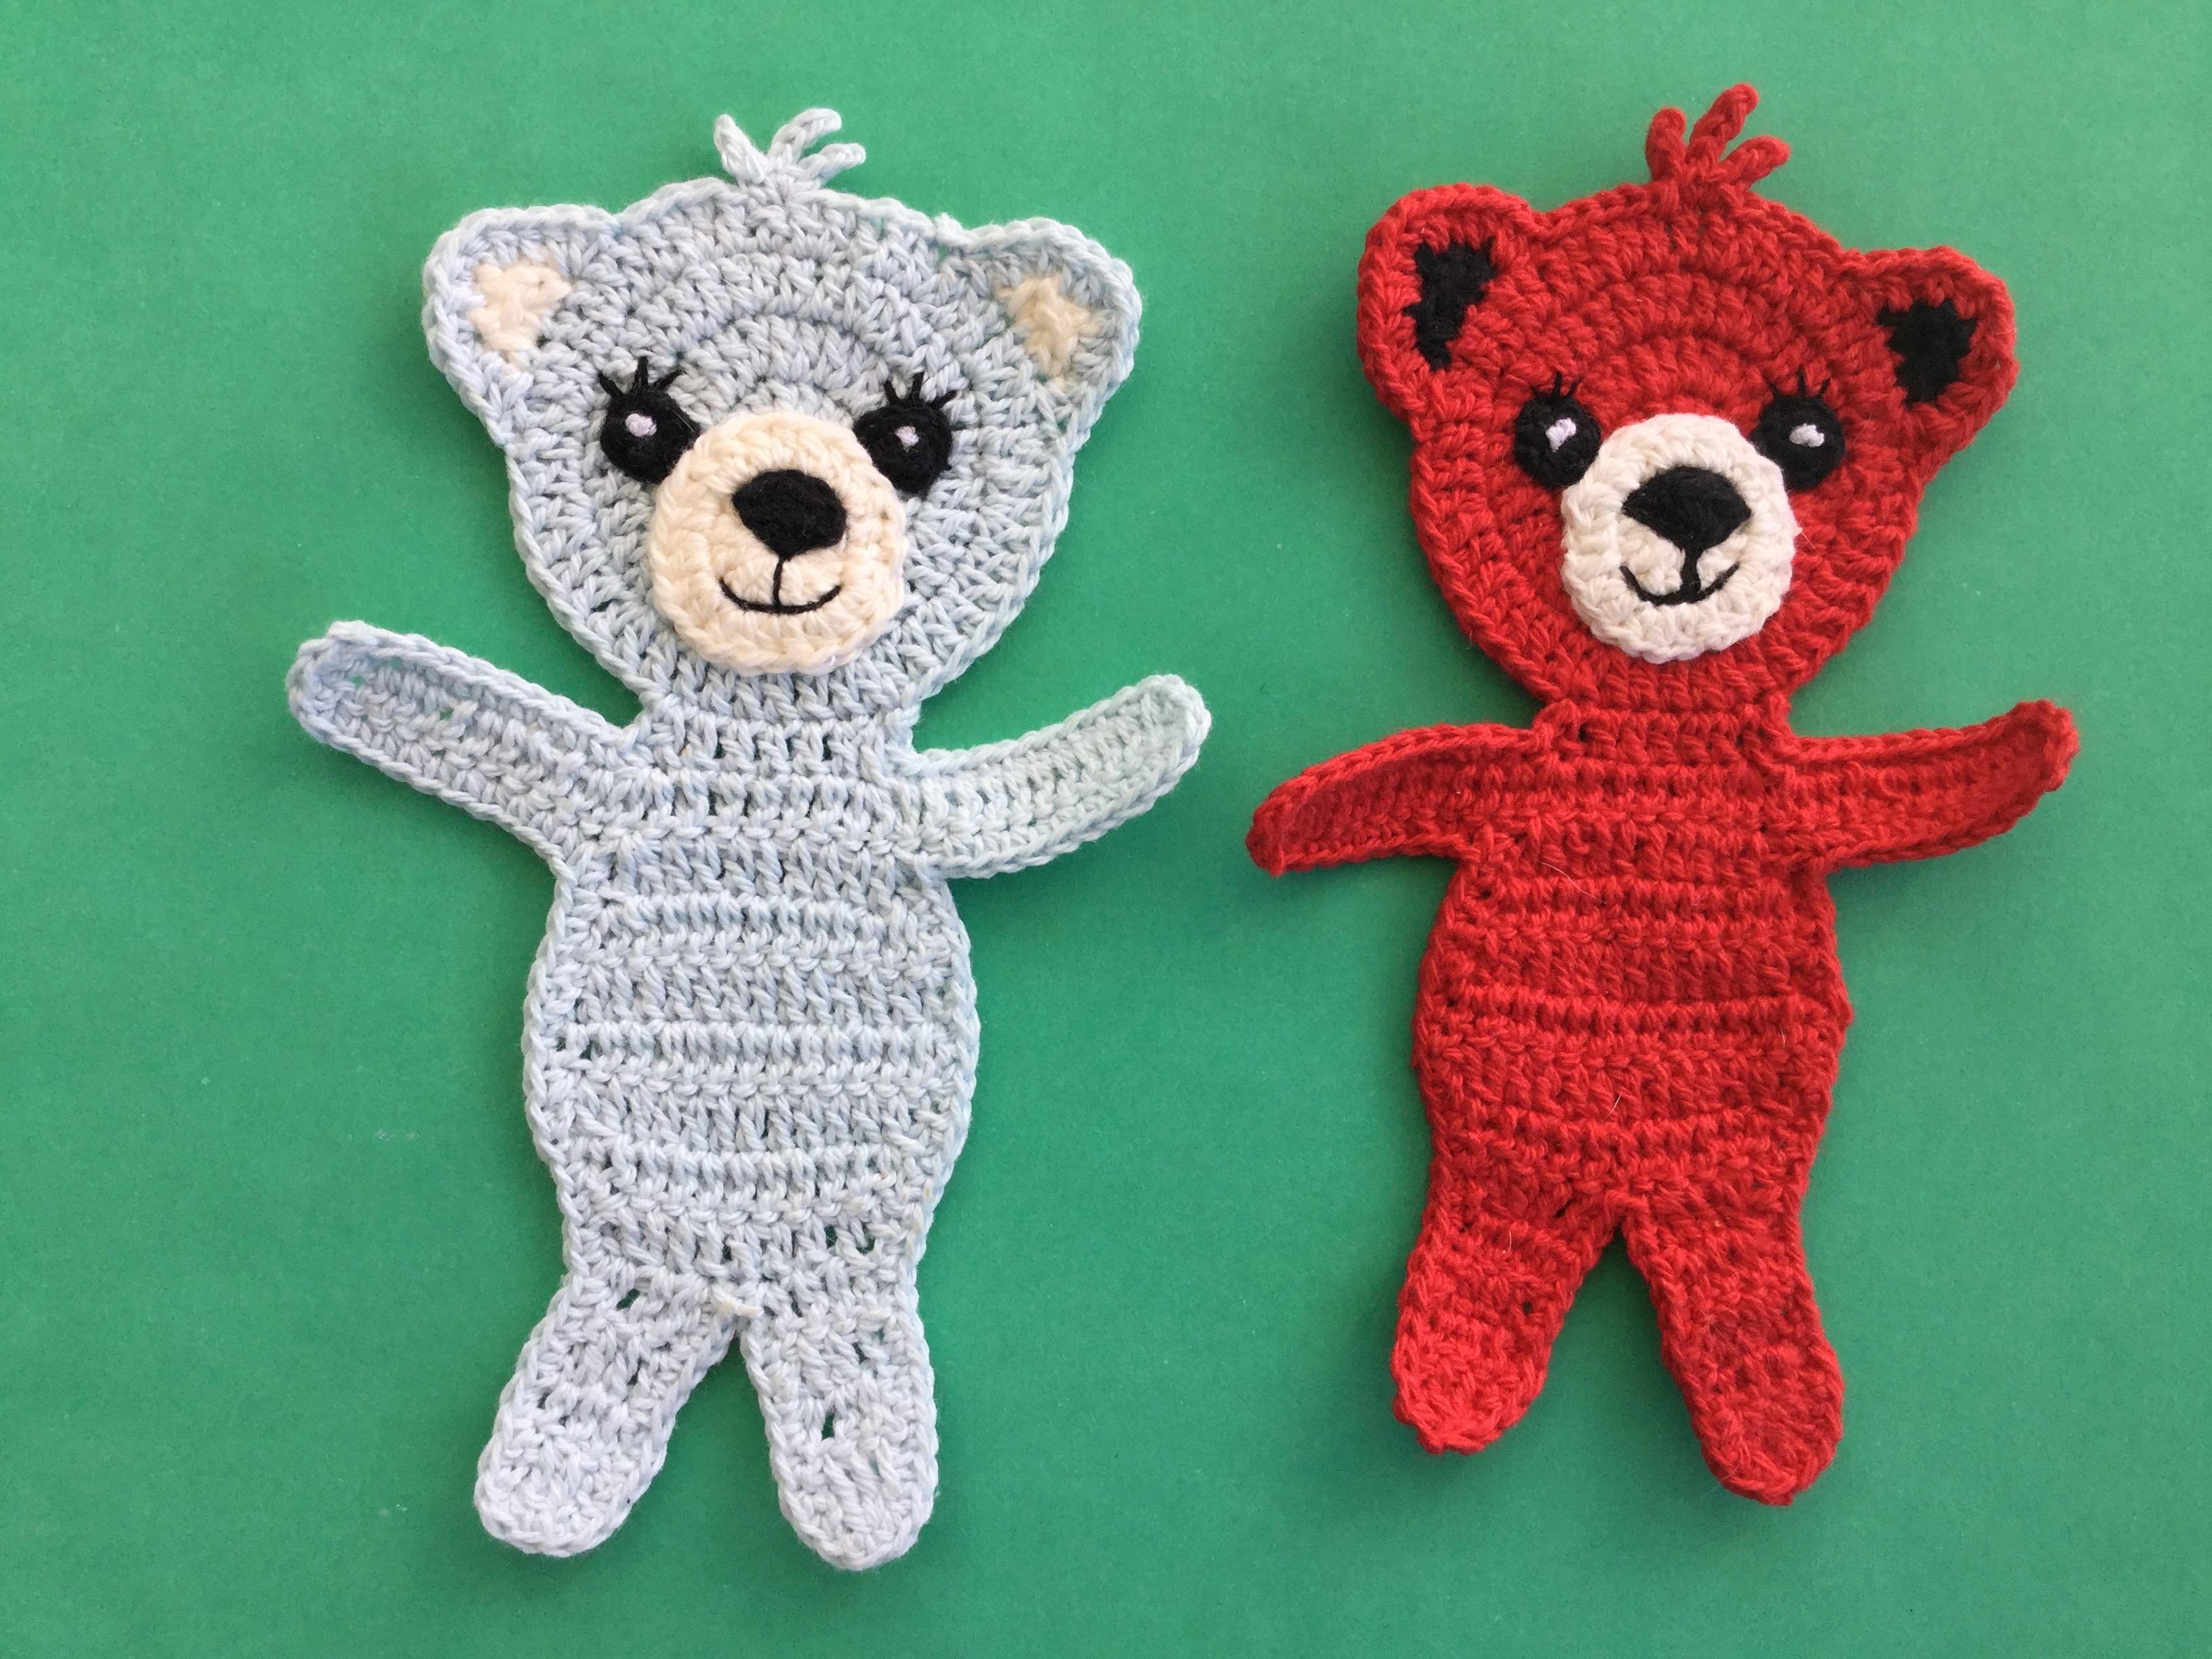 PDF DOWNLOAD Easy Crochet pattern Teddy bear pattern by PatternsDG ... | 2448x3264